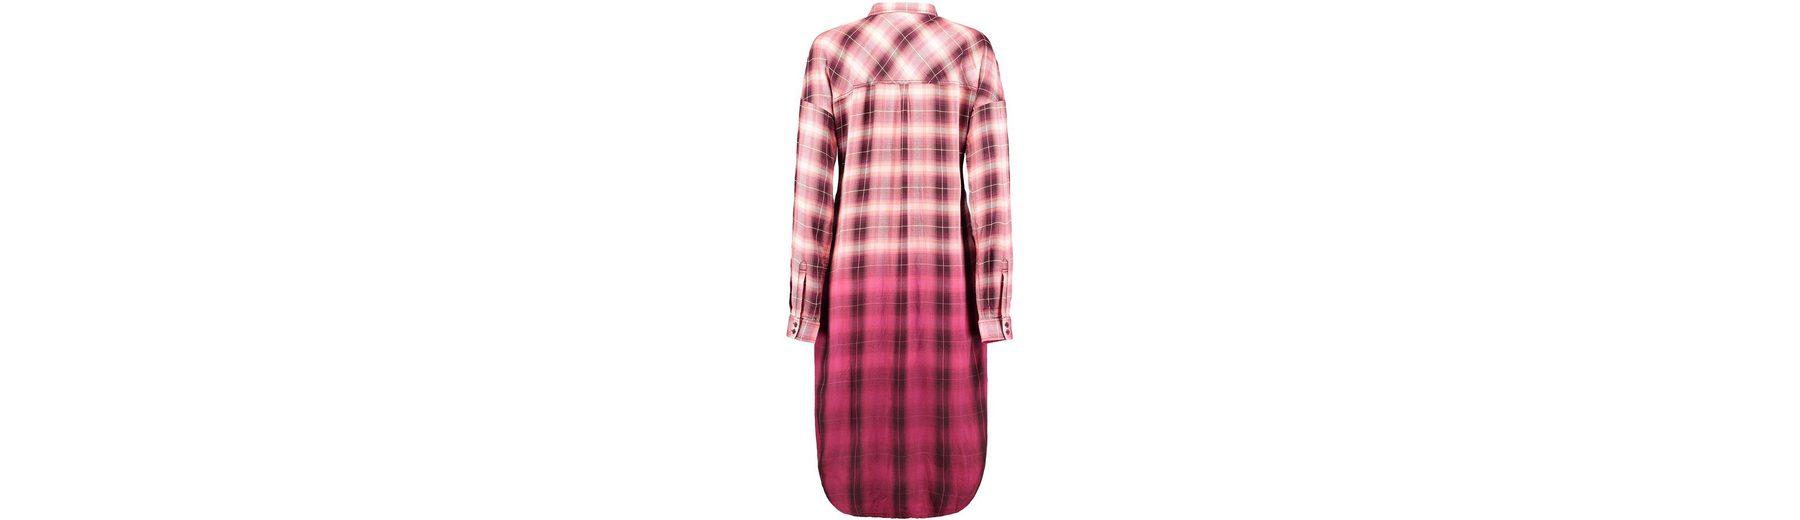 O'Neill Kleid Crystal Bay Schnelle Lieferung Günstiger Preis COu6q7UT0